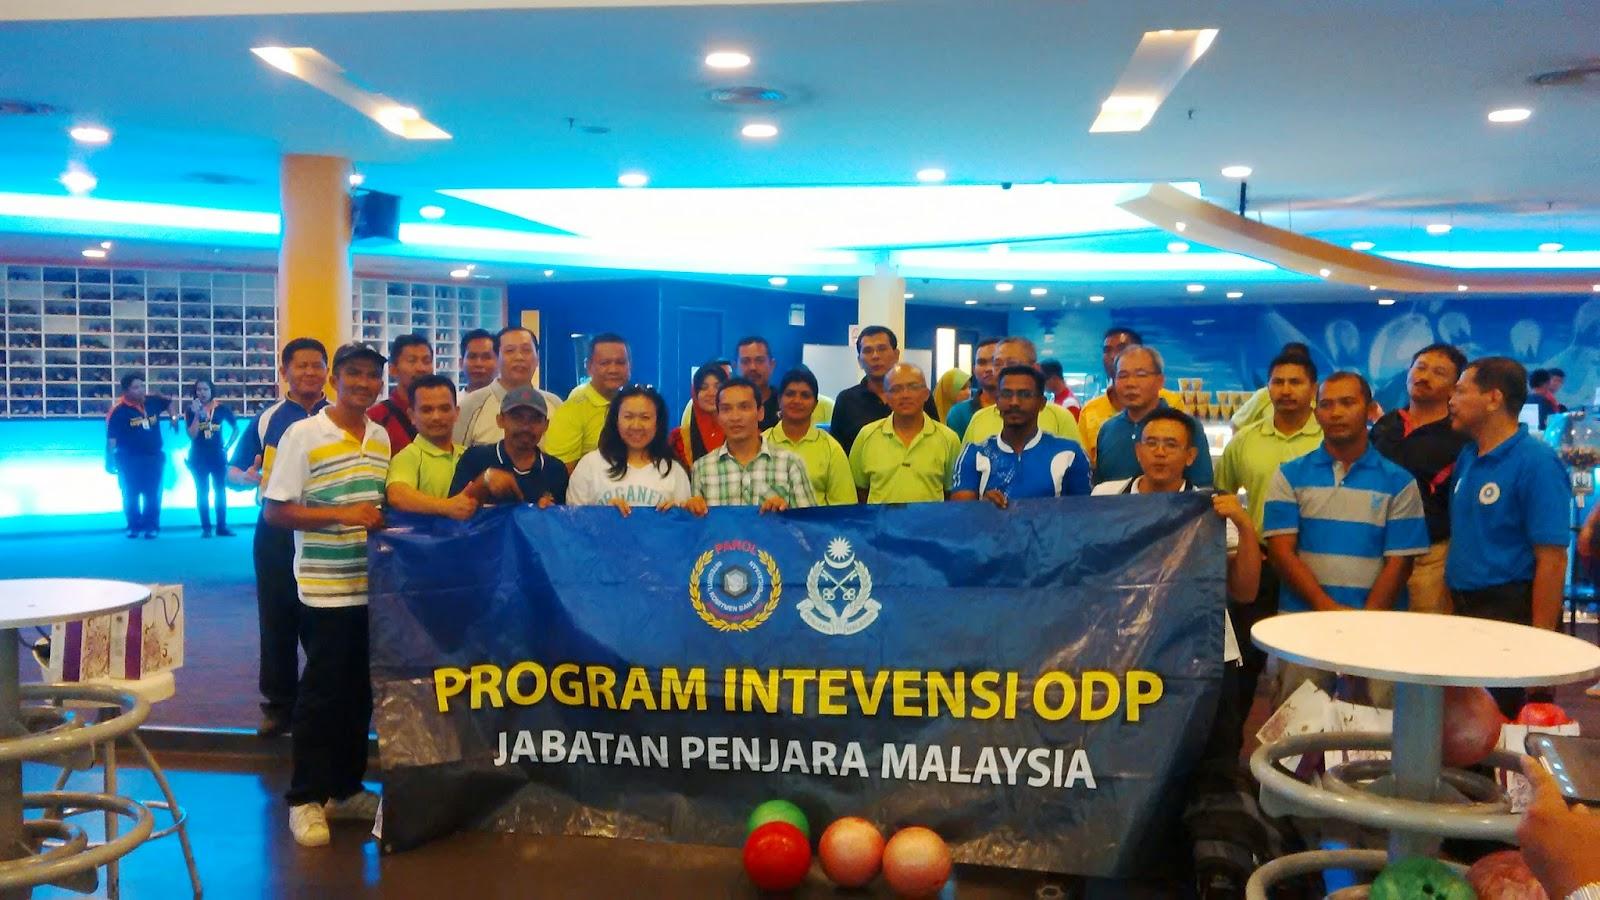 Program Intervensi ODP, Parol dan Perkhidmatan Komuniti